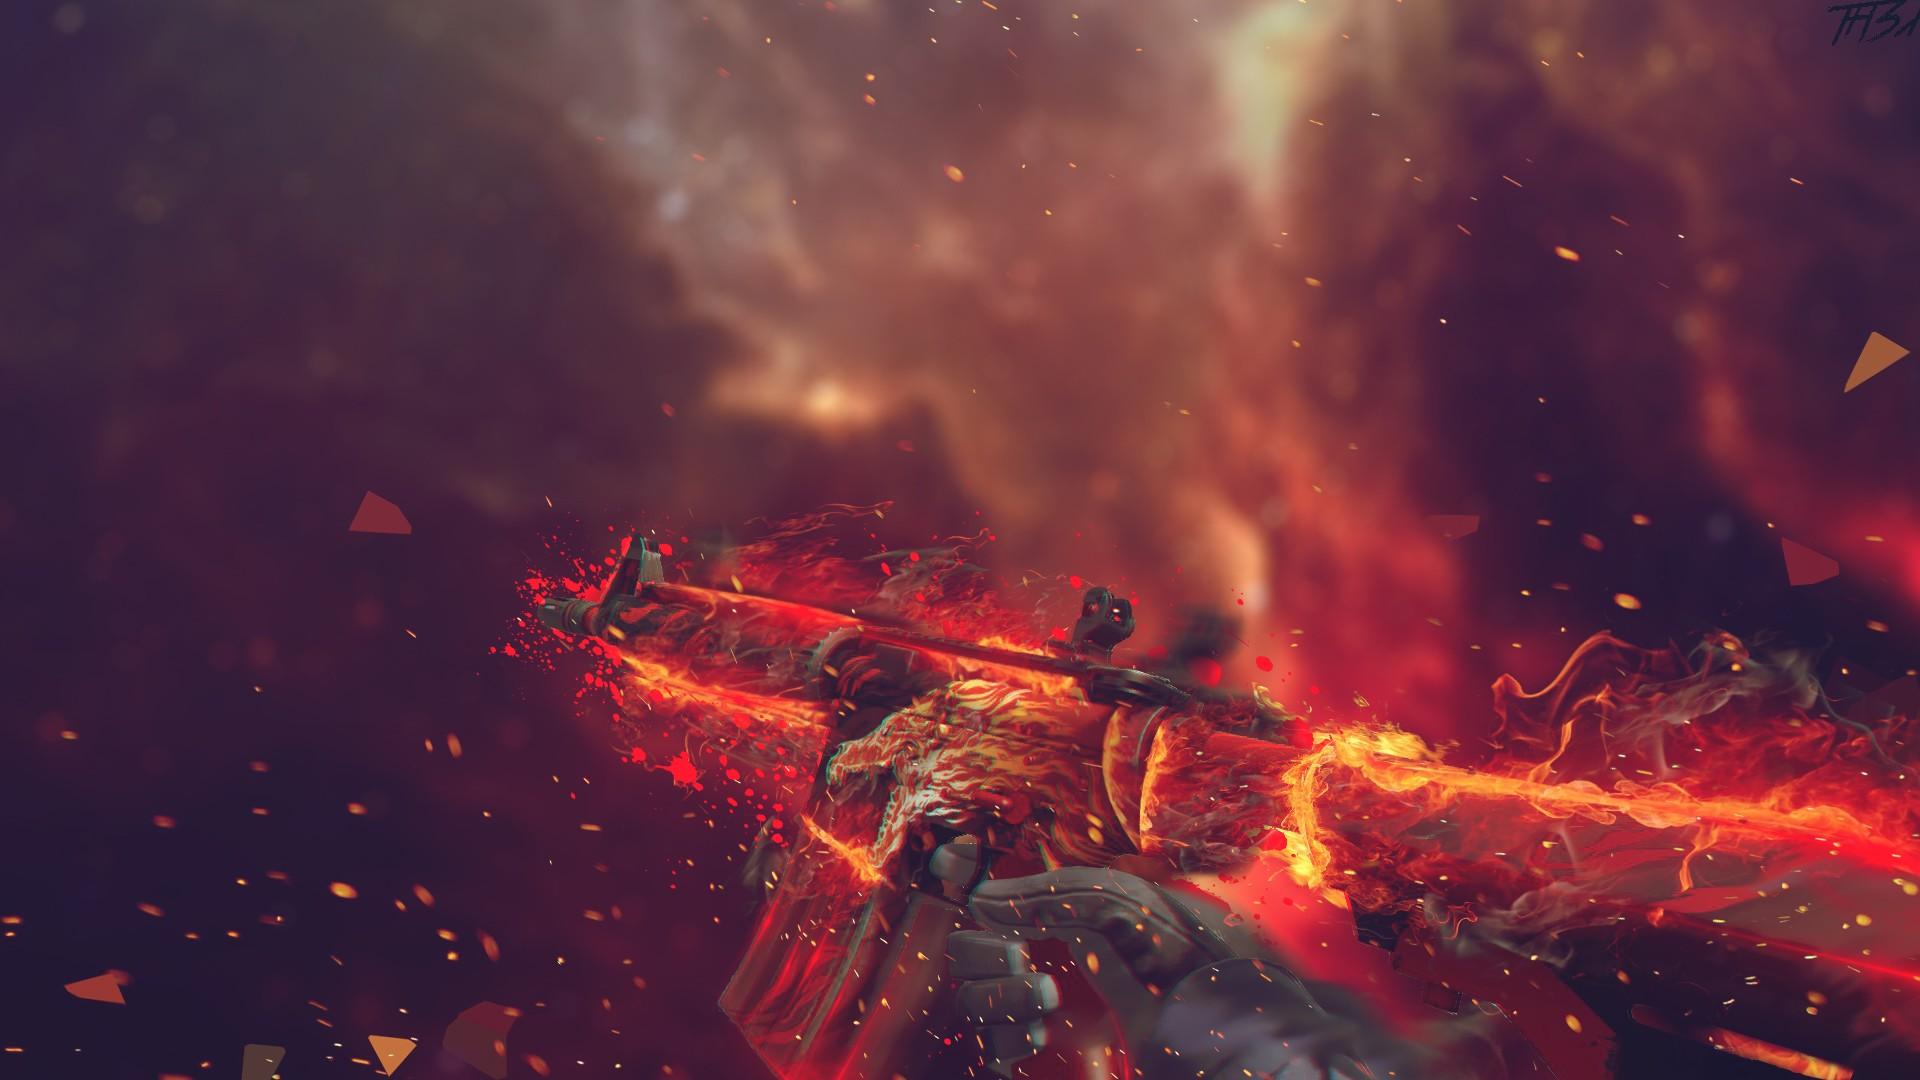 Wallpaper Digital Art Weapon Artwork Fire Nebula Counter